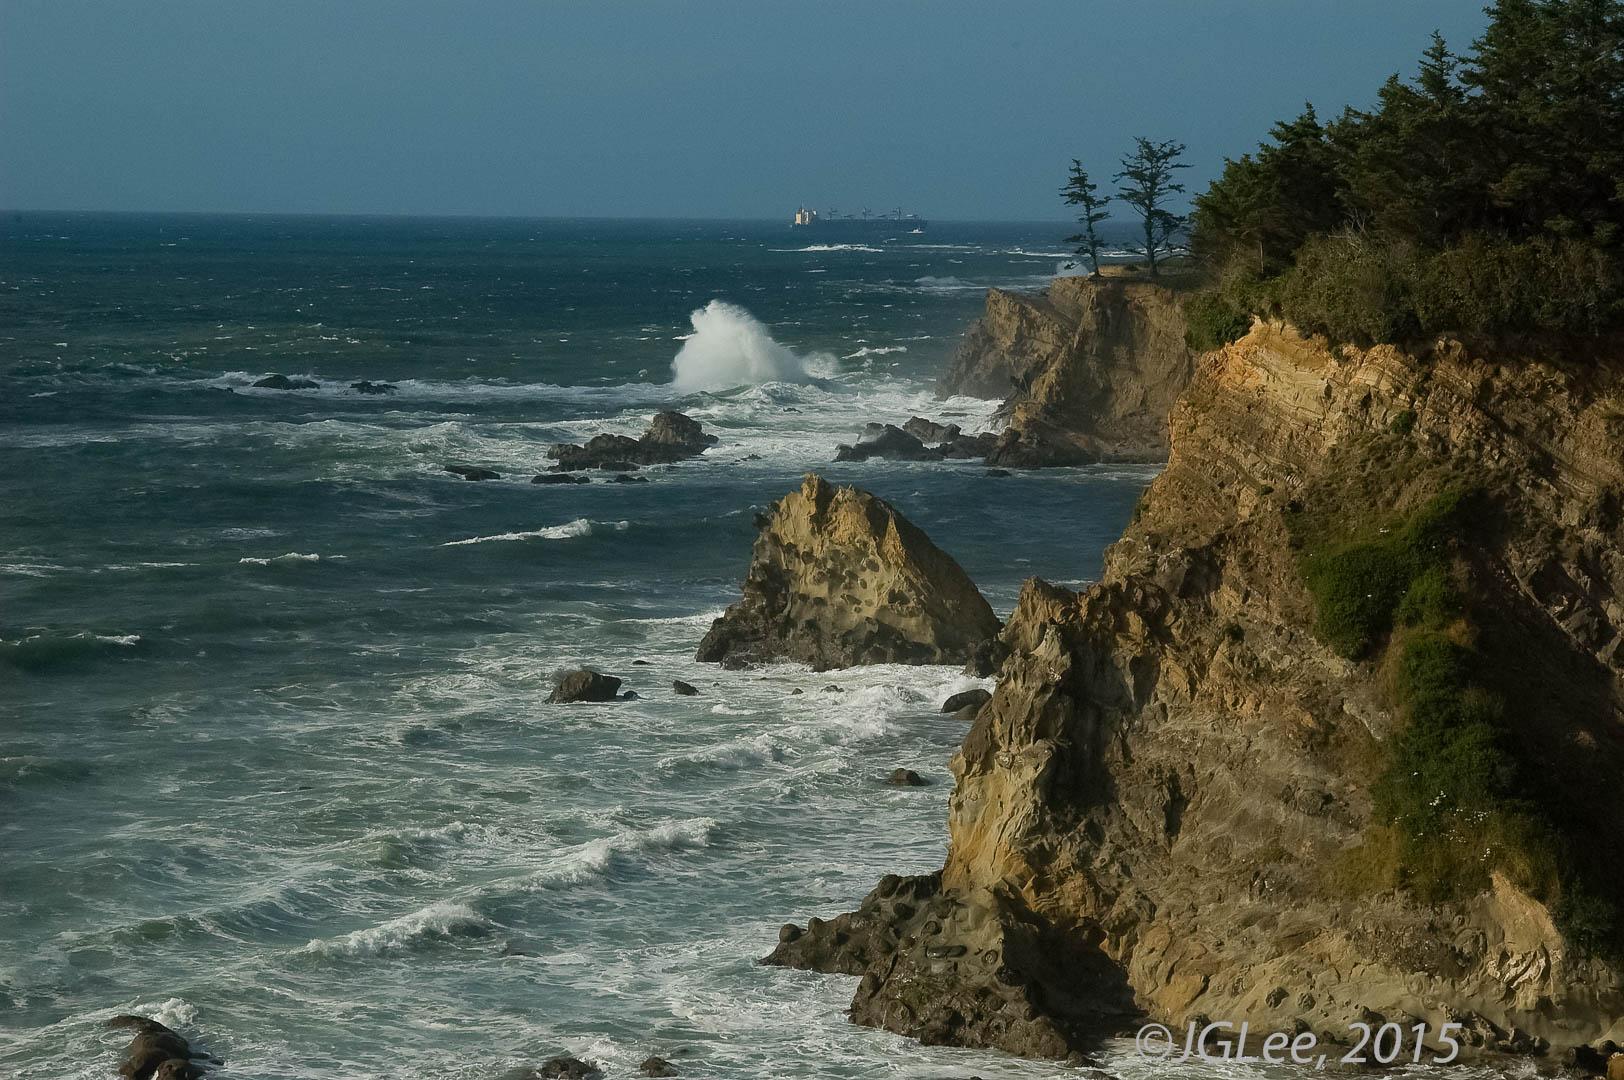 Oregon Coast and Ship